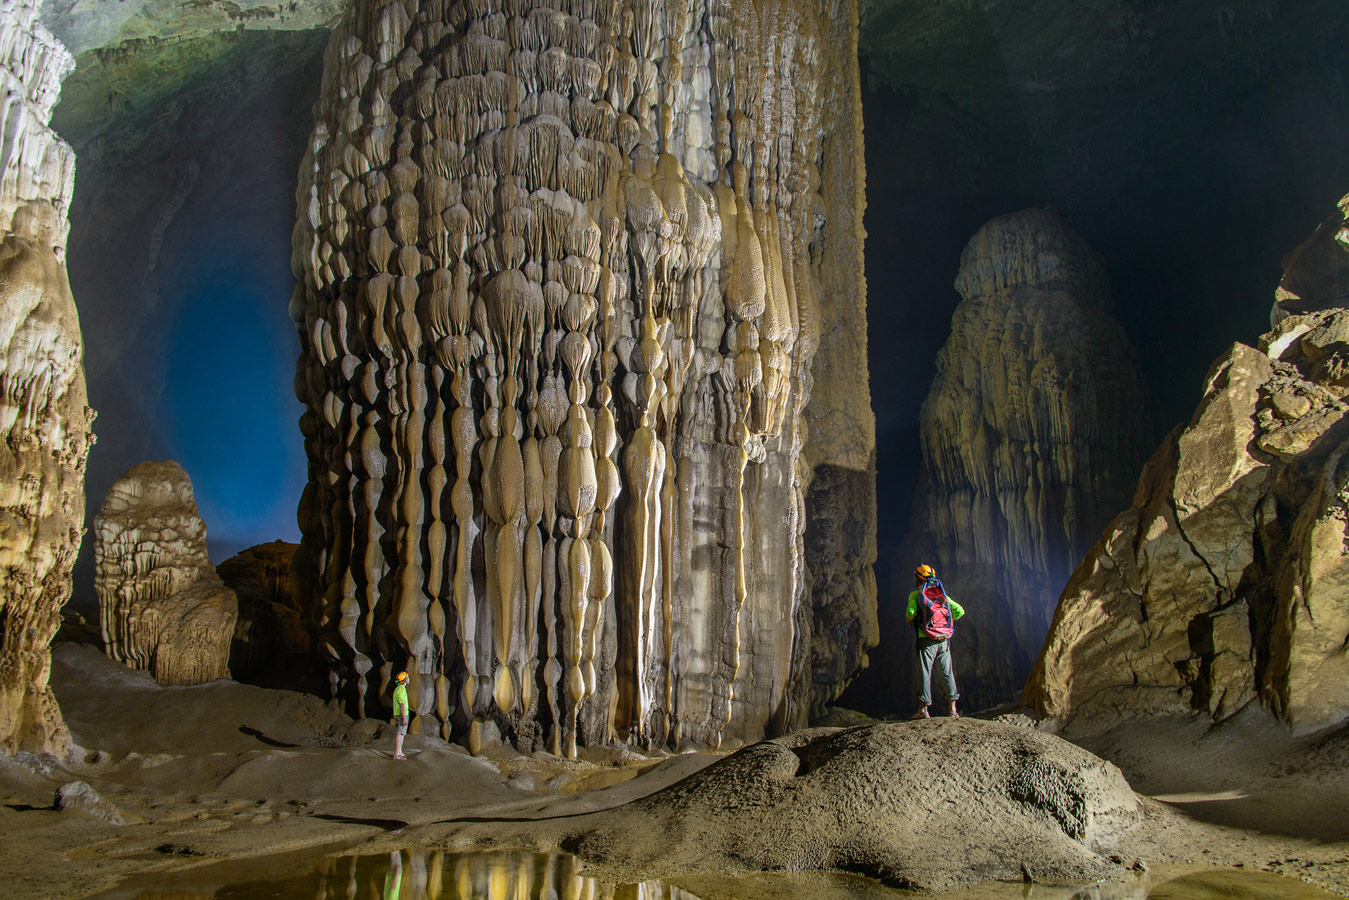 «Более двухсот метров под землей», © Хуан Паломо / Juan Palomo, Иден Прери, США, Финалист в категории «Экшн / Приключения» – любитель, Фотоконкурс «Адреналин» — Спортивная и экшн-фотография